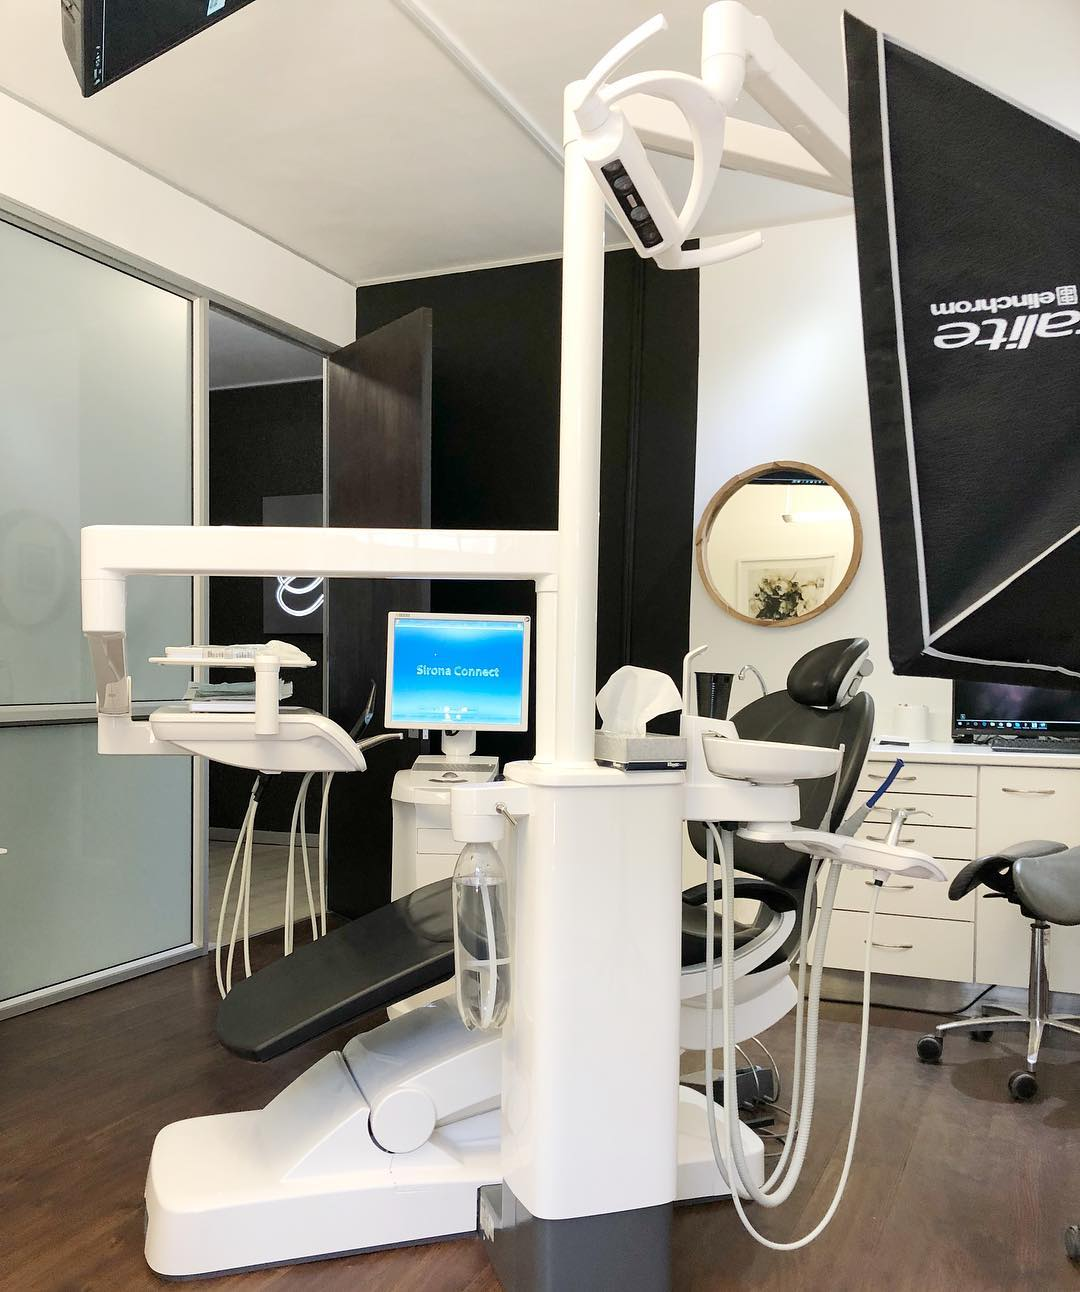 Innovative Dental Technology